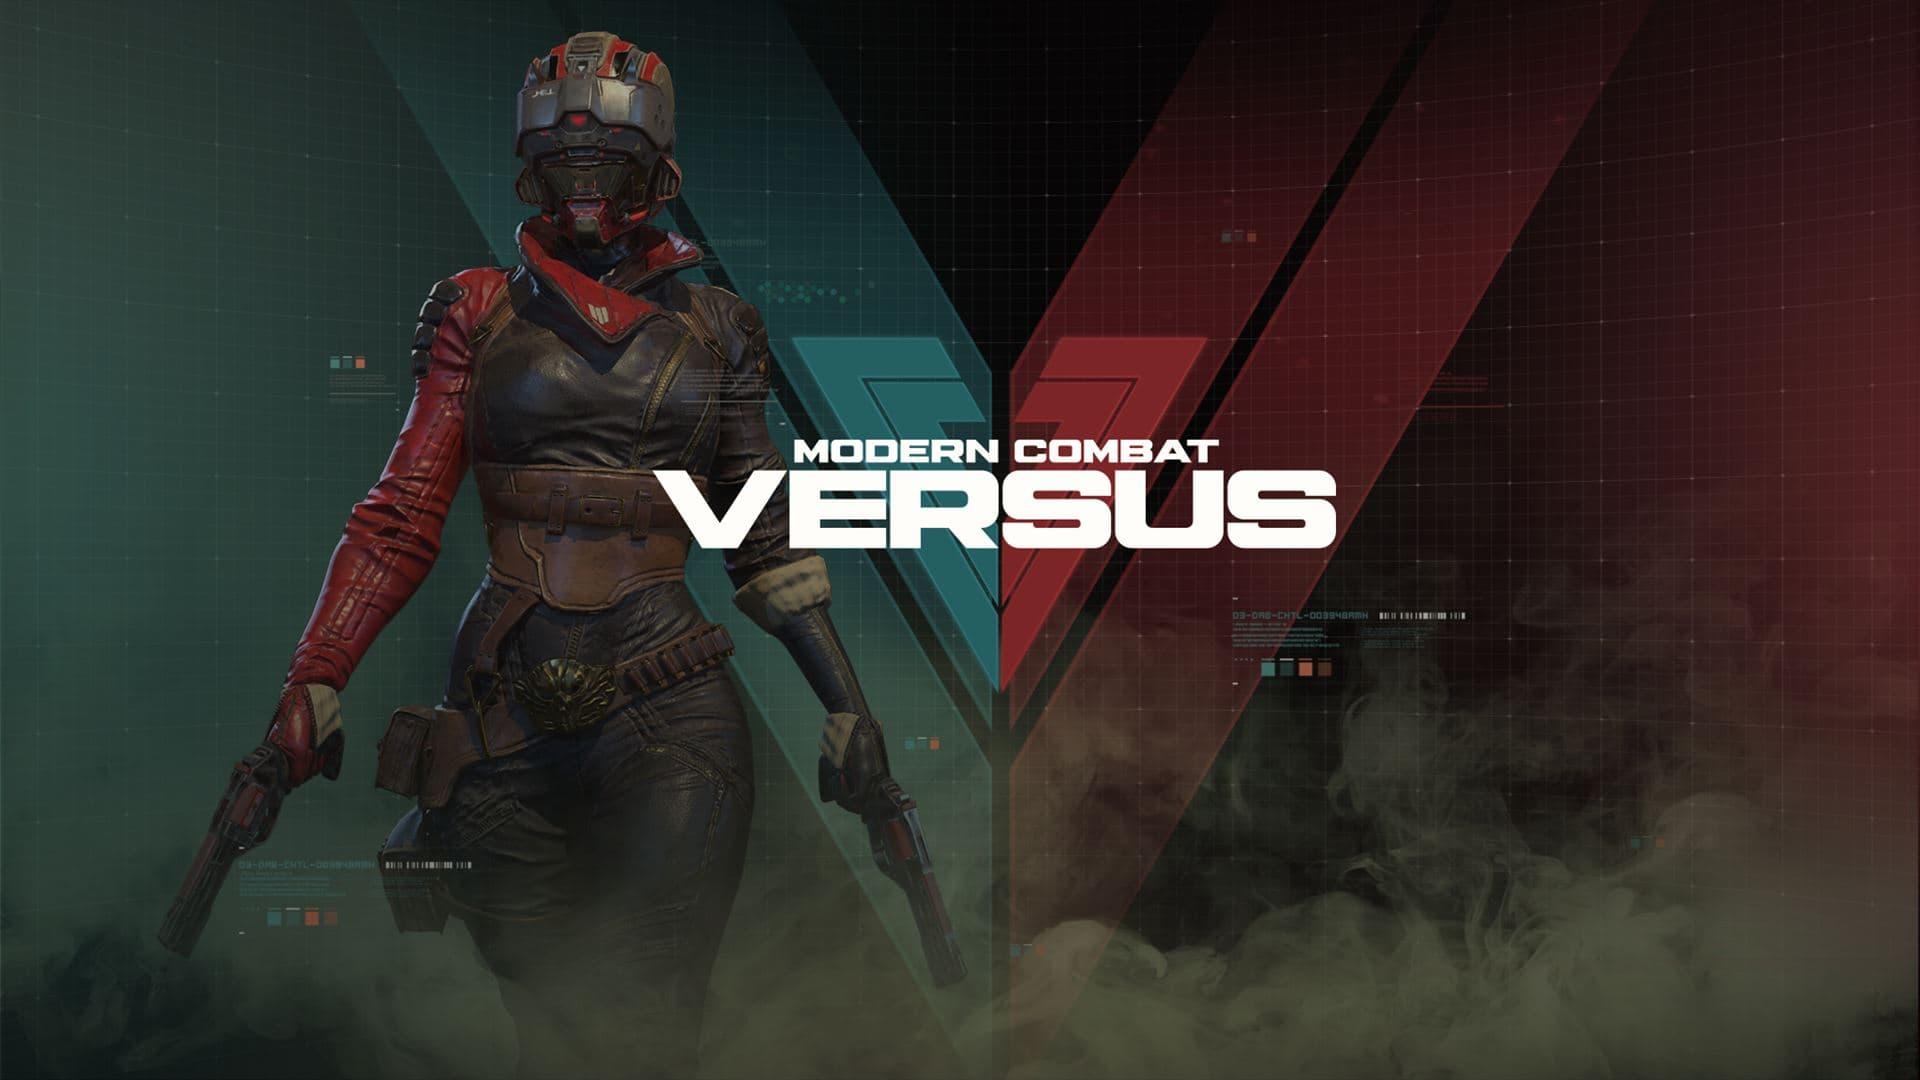 modern-combat-versus-android-ios-pre-registro-tap-tap Modern Combat Versus: supostos requisitos para rodar o game são falsos